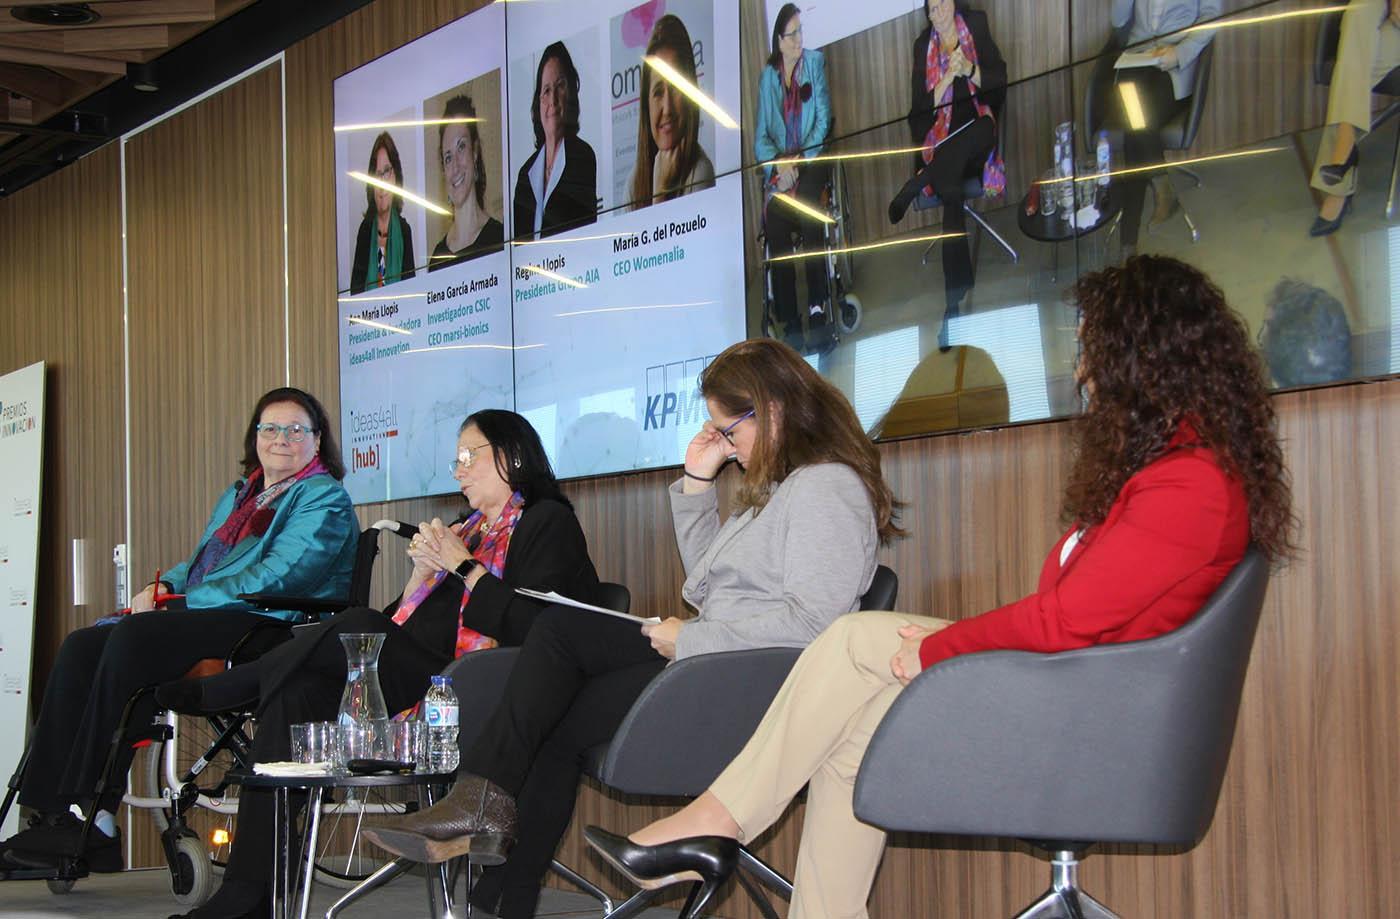 innovationHUB 2018 sitúa a la innovación en el centro de la transformación empresarial y social